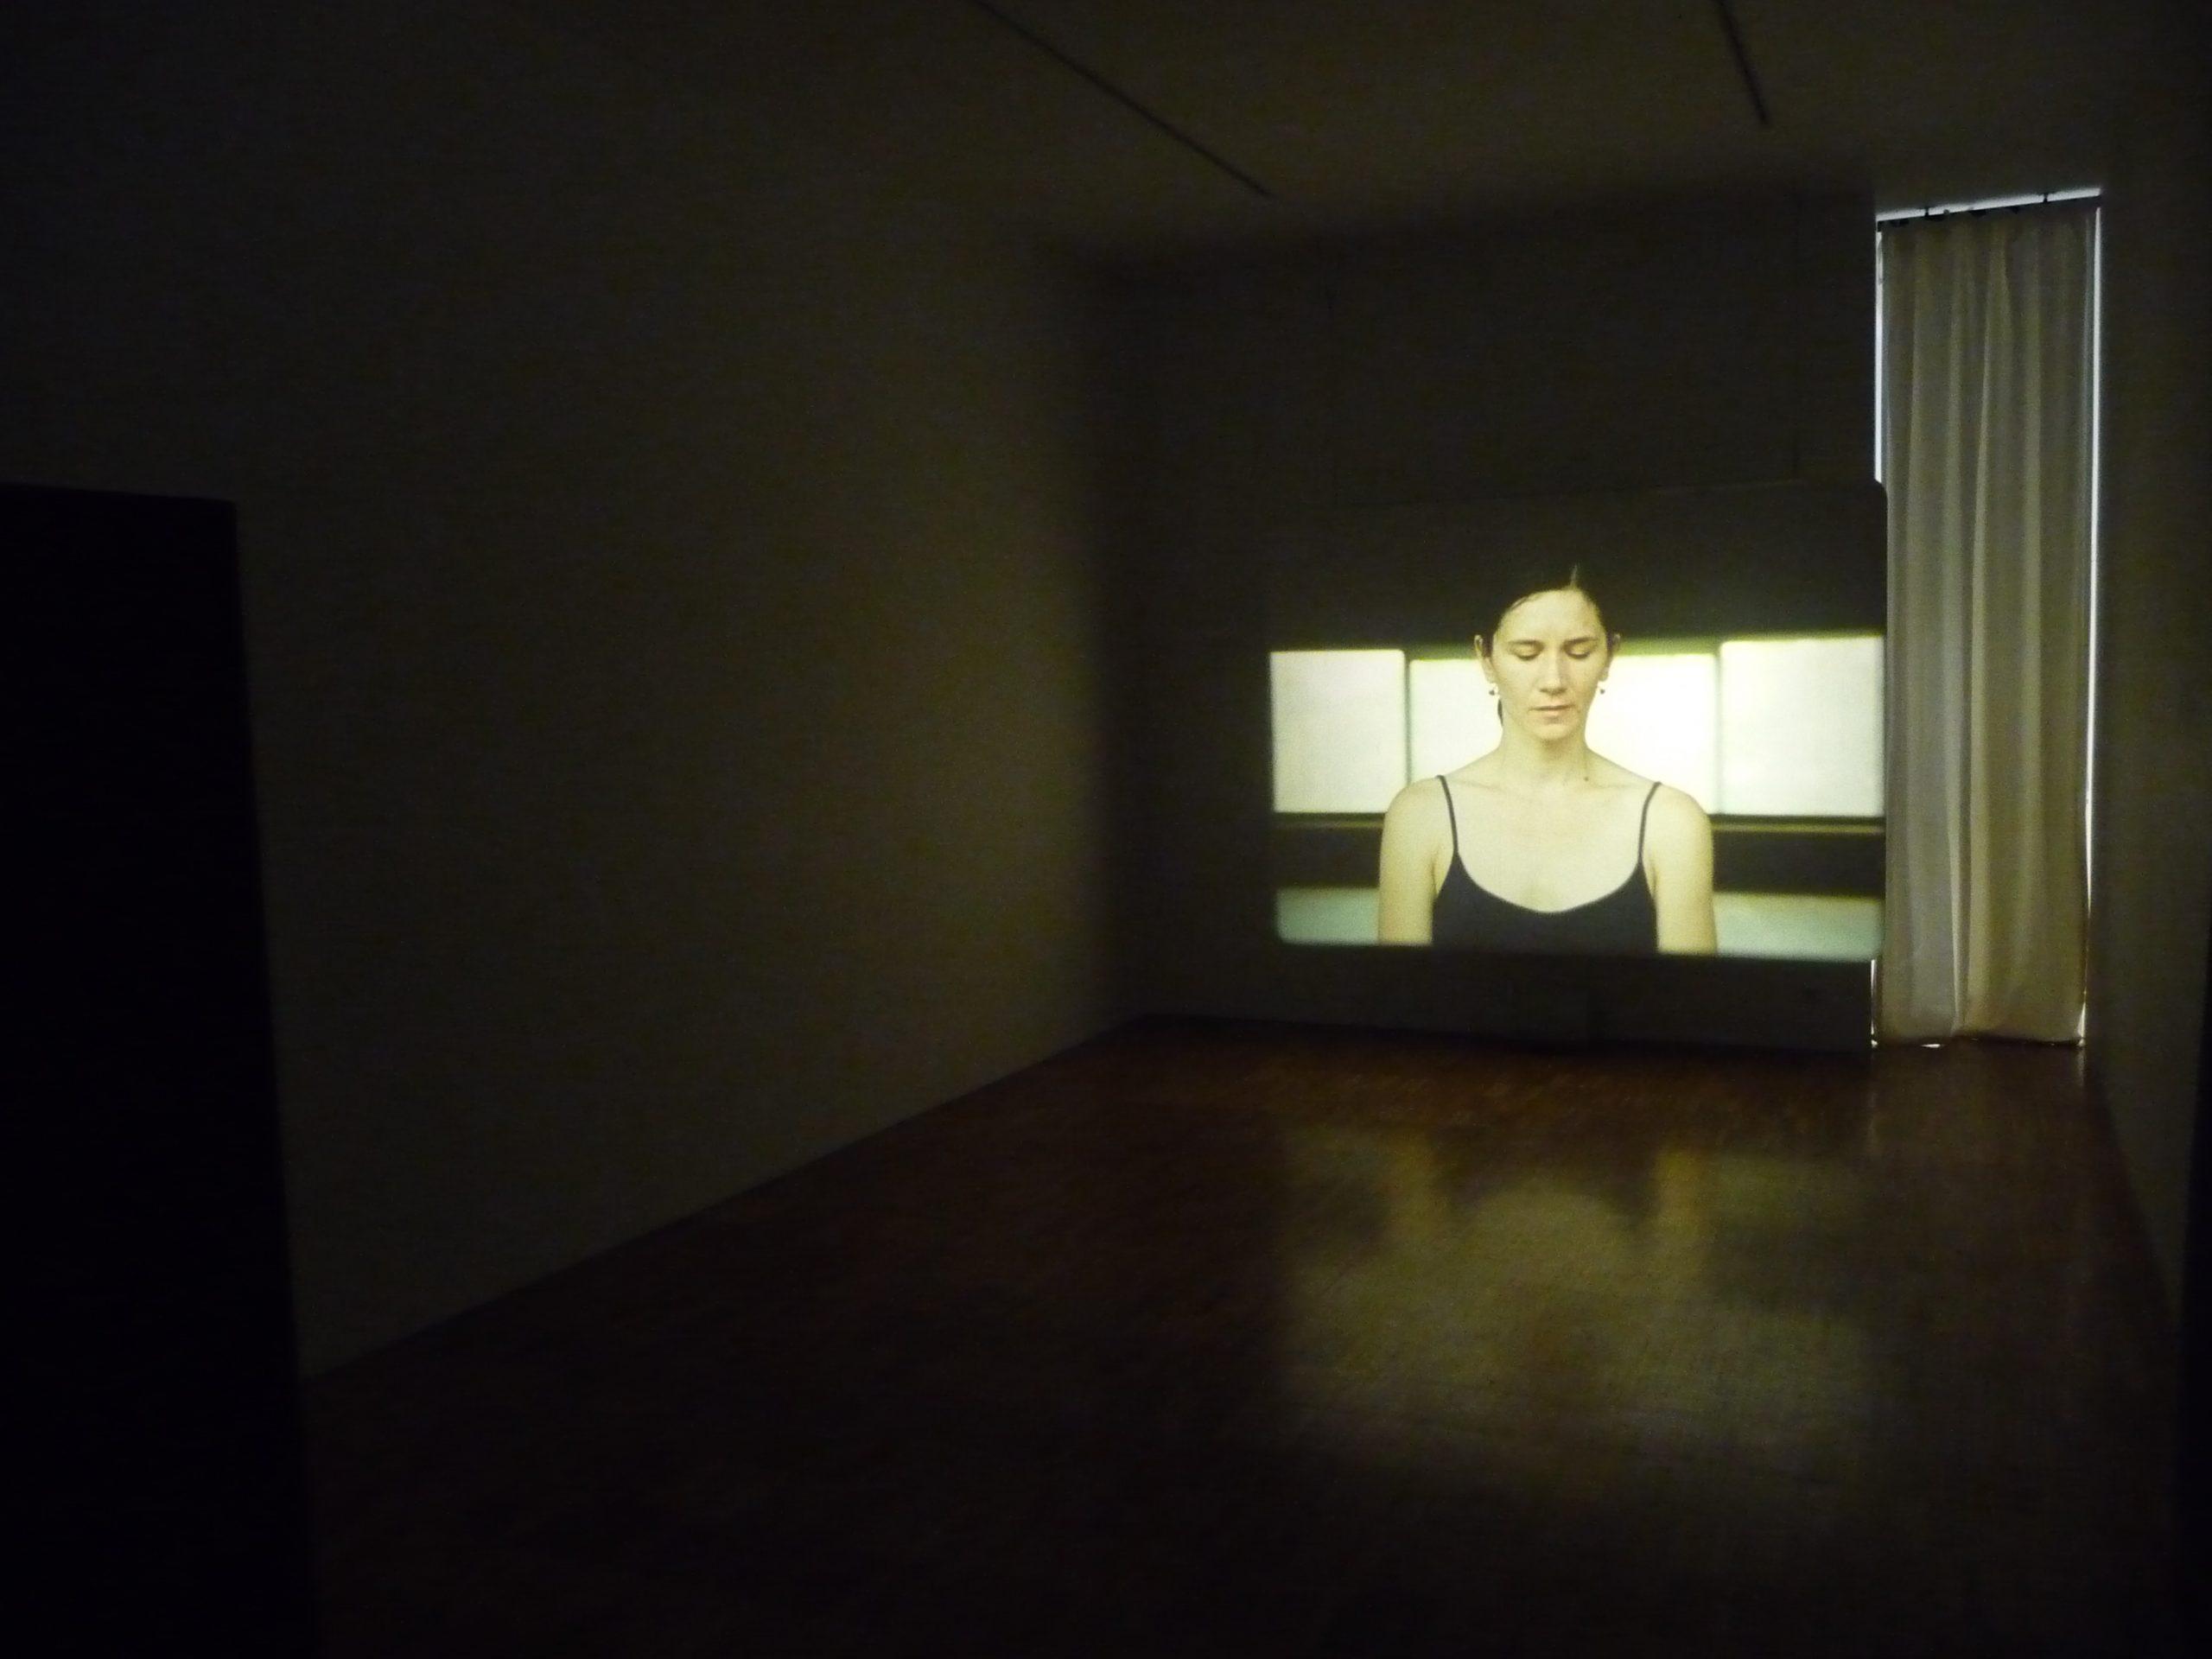 Manon de Boer, installation view at Jan Mot, 2010